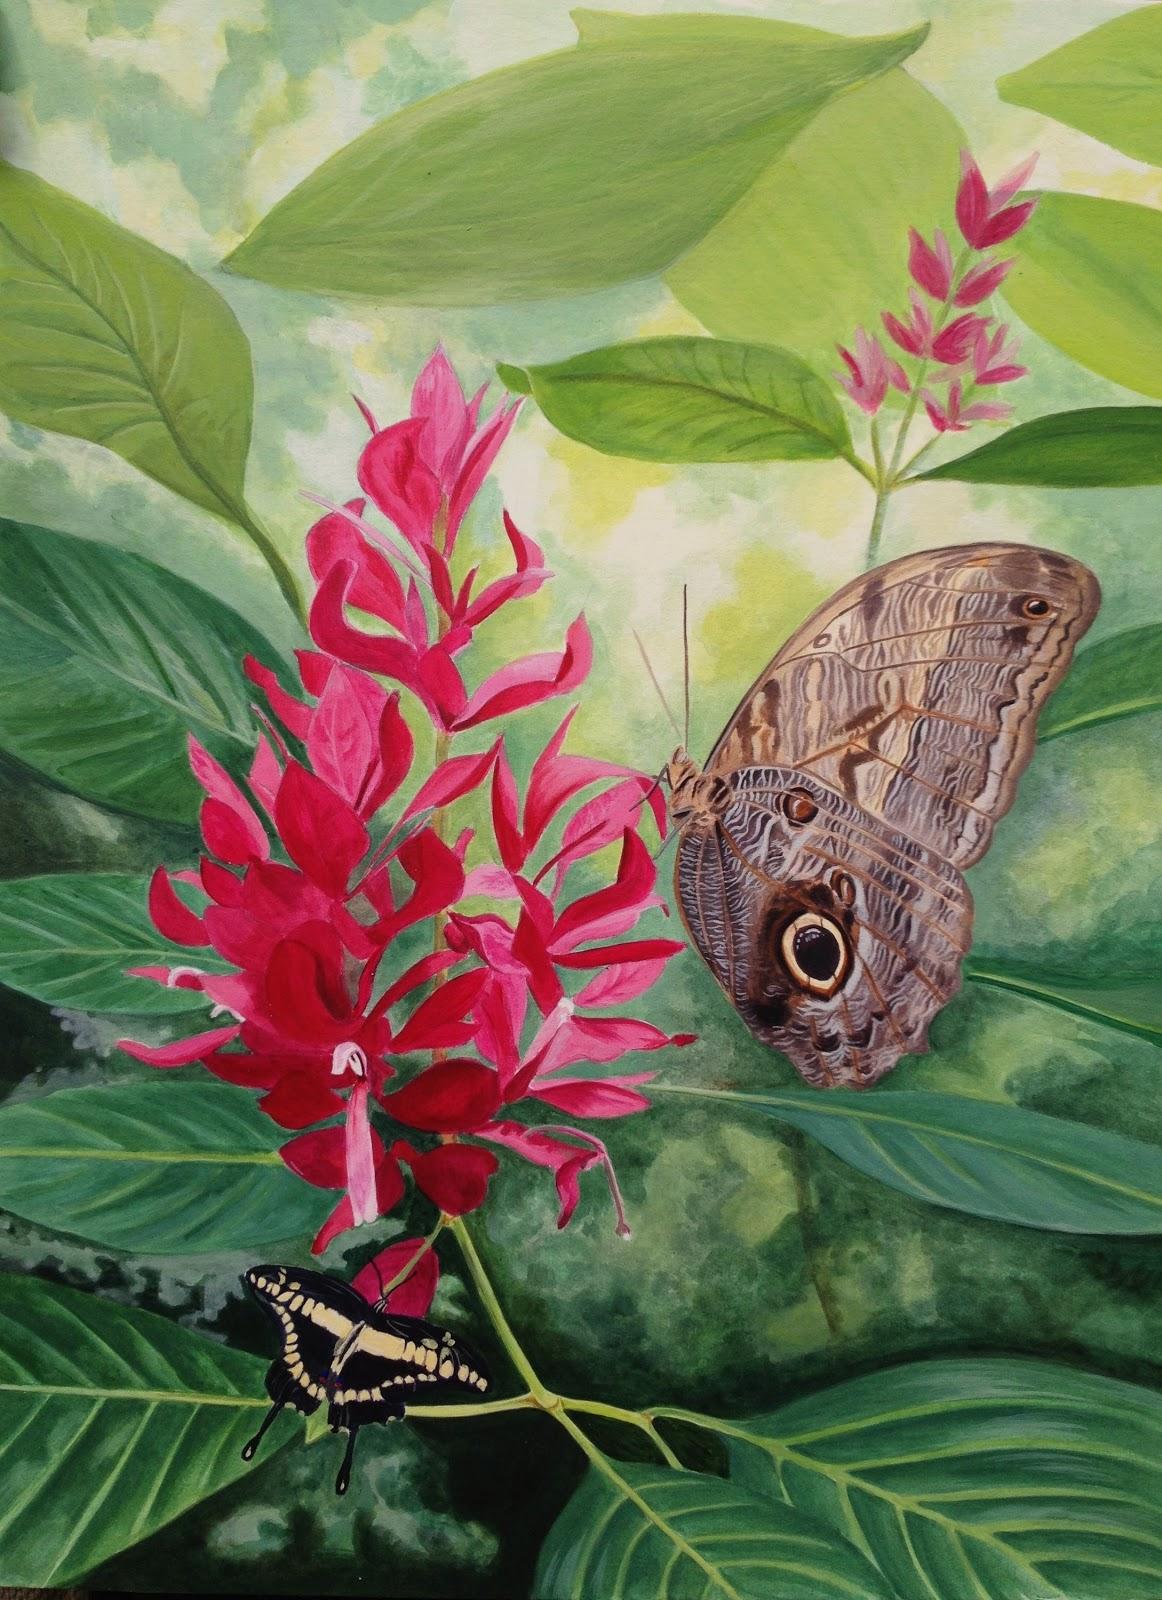 schilderijen van orchidee n andere botanische werken vlinders en tropische bloem acryl. Black Bedroom Furniture Sets. Home Design Ideas